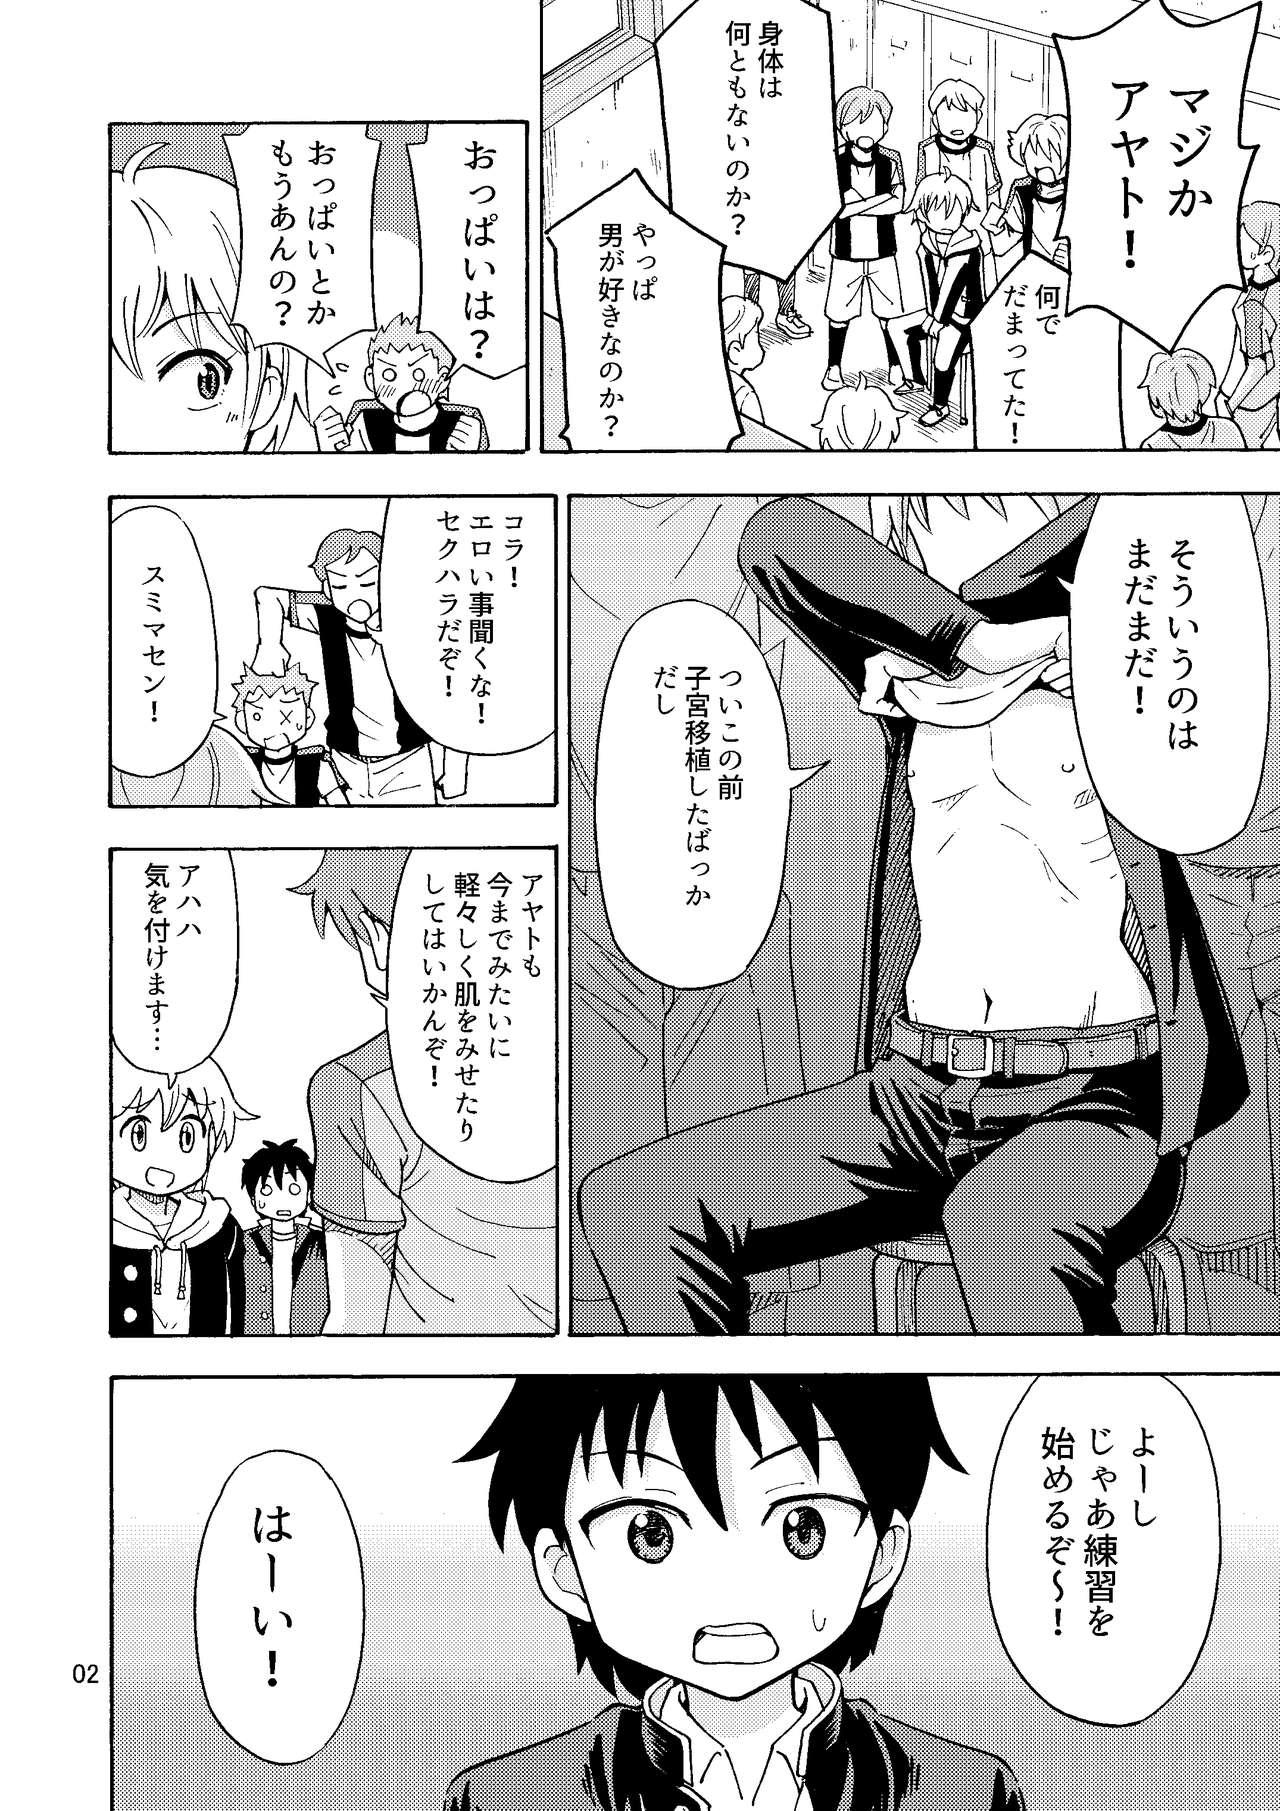 Shinyuu ga Onnanoko ni Narimashita 2